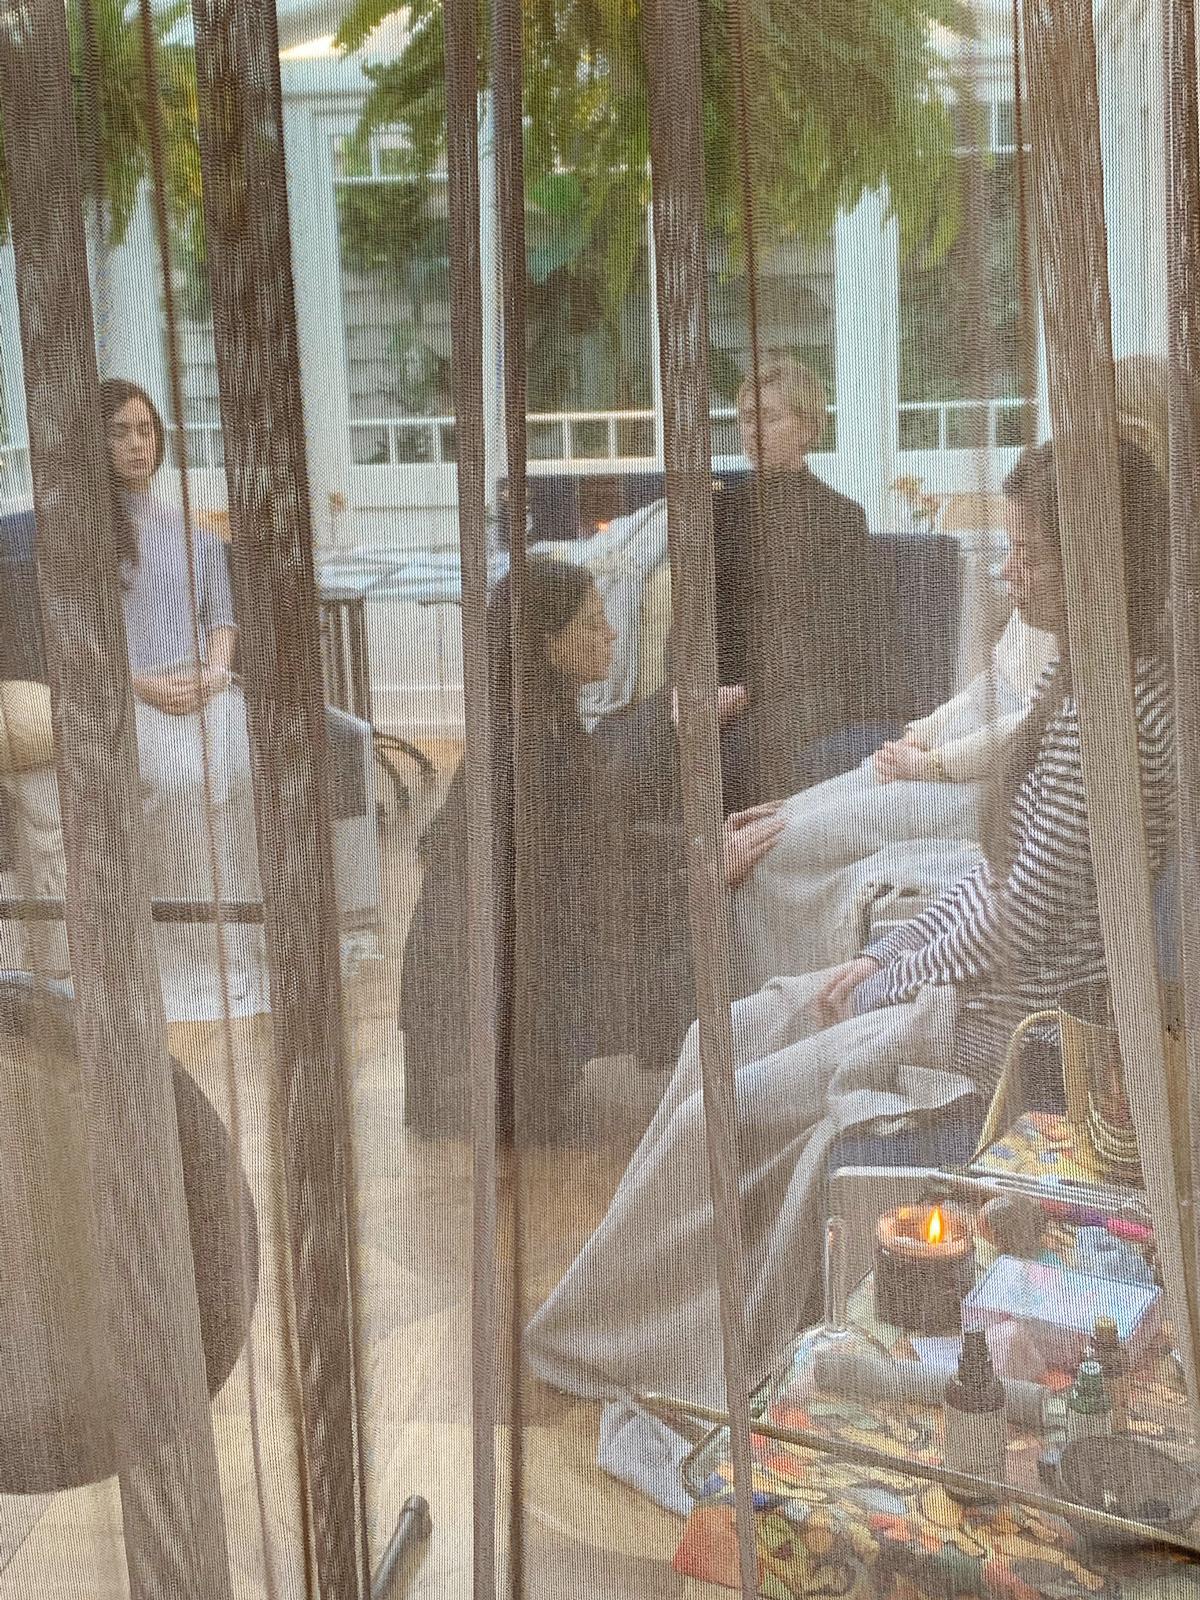 Gazelli Reiki master Jasmin Harsono at a group Reiki meditation at Gazelli House South Kensington